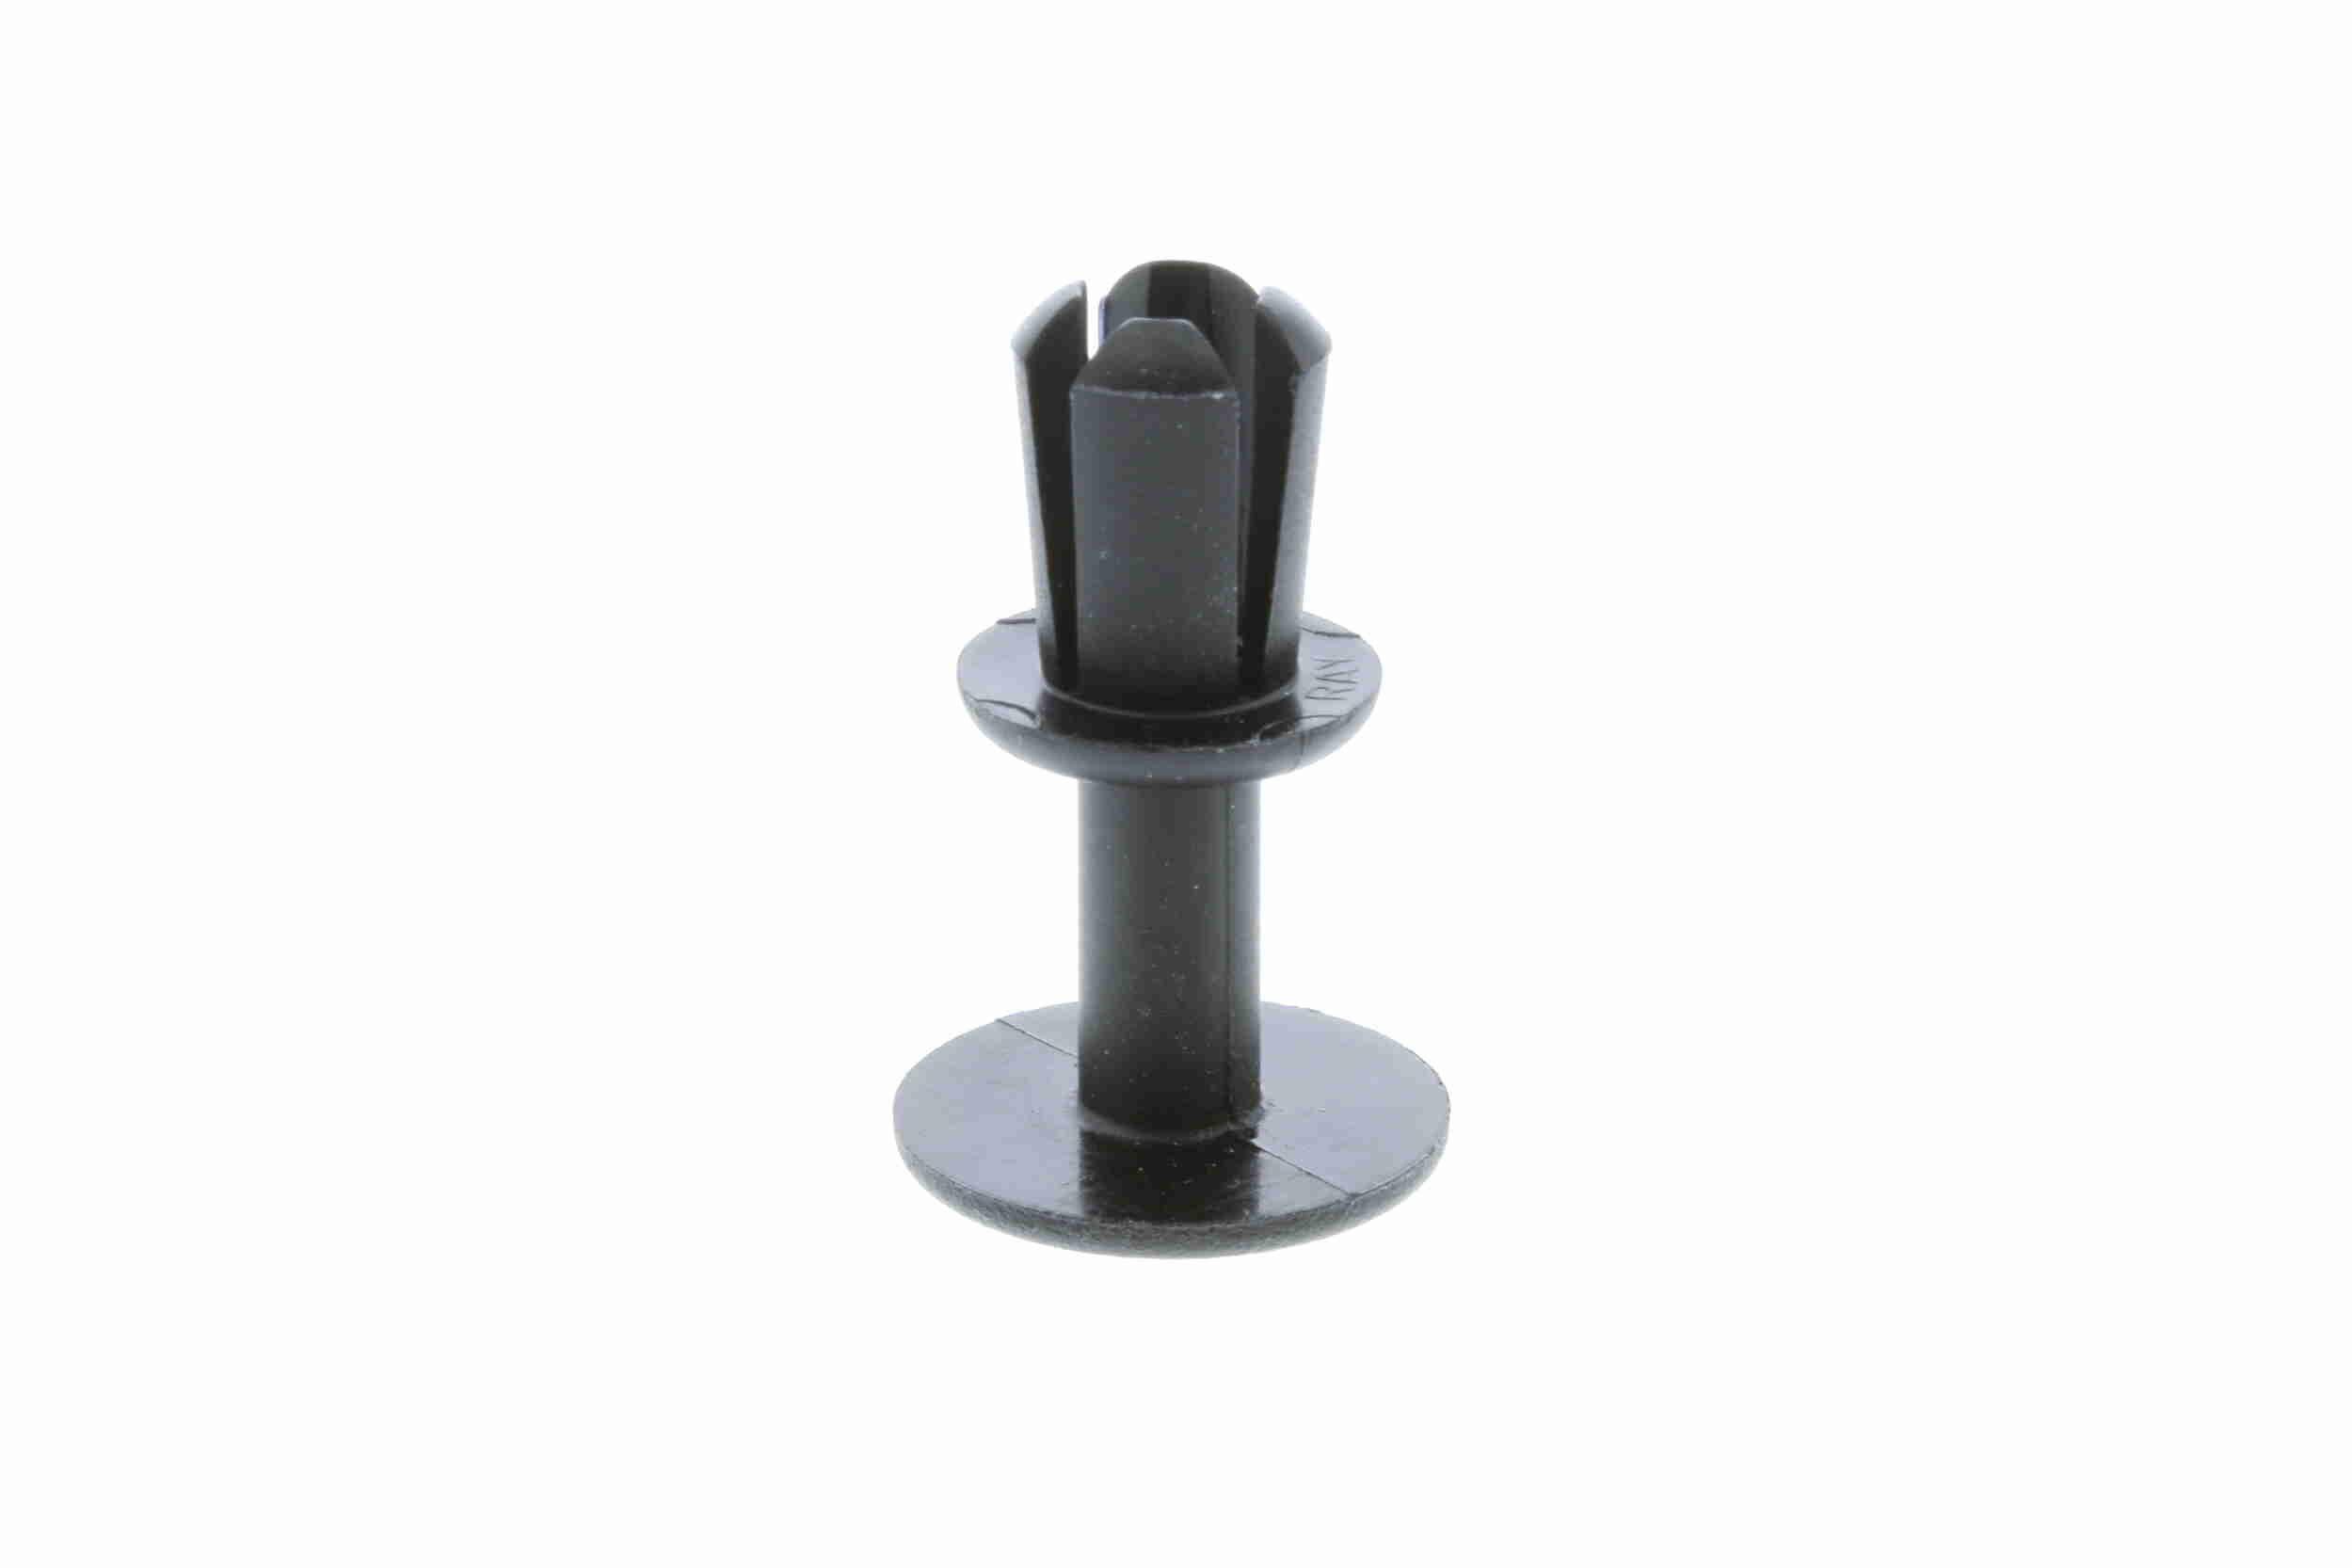 koop Klinknagels V10-2385 op elk moment